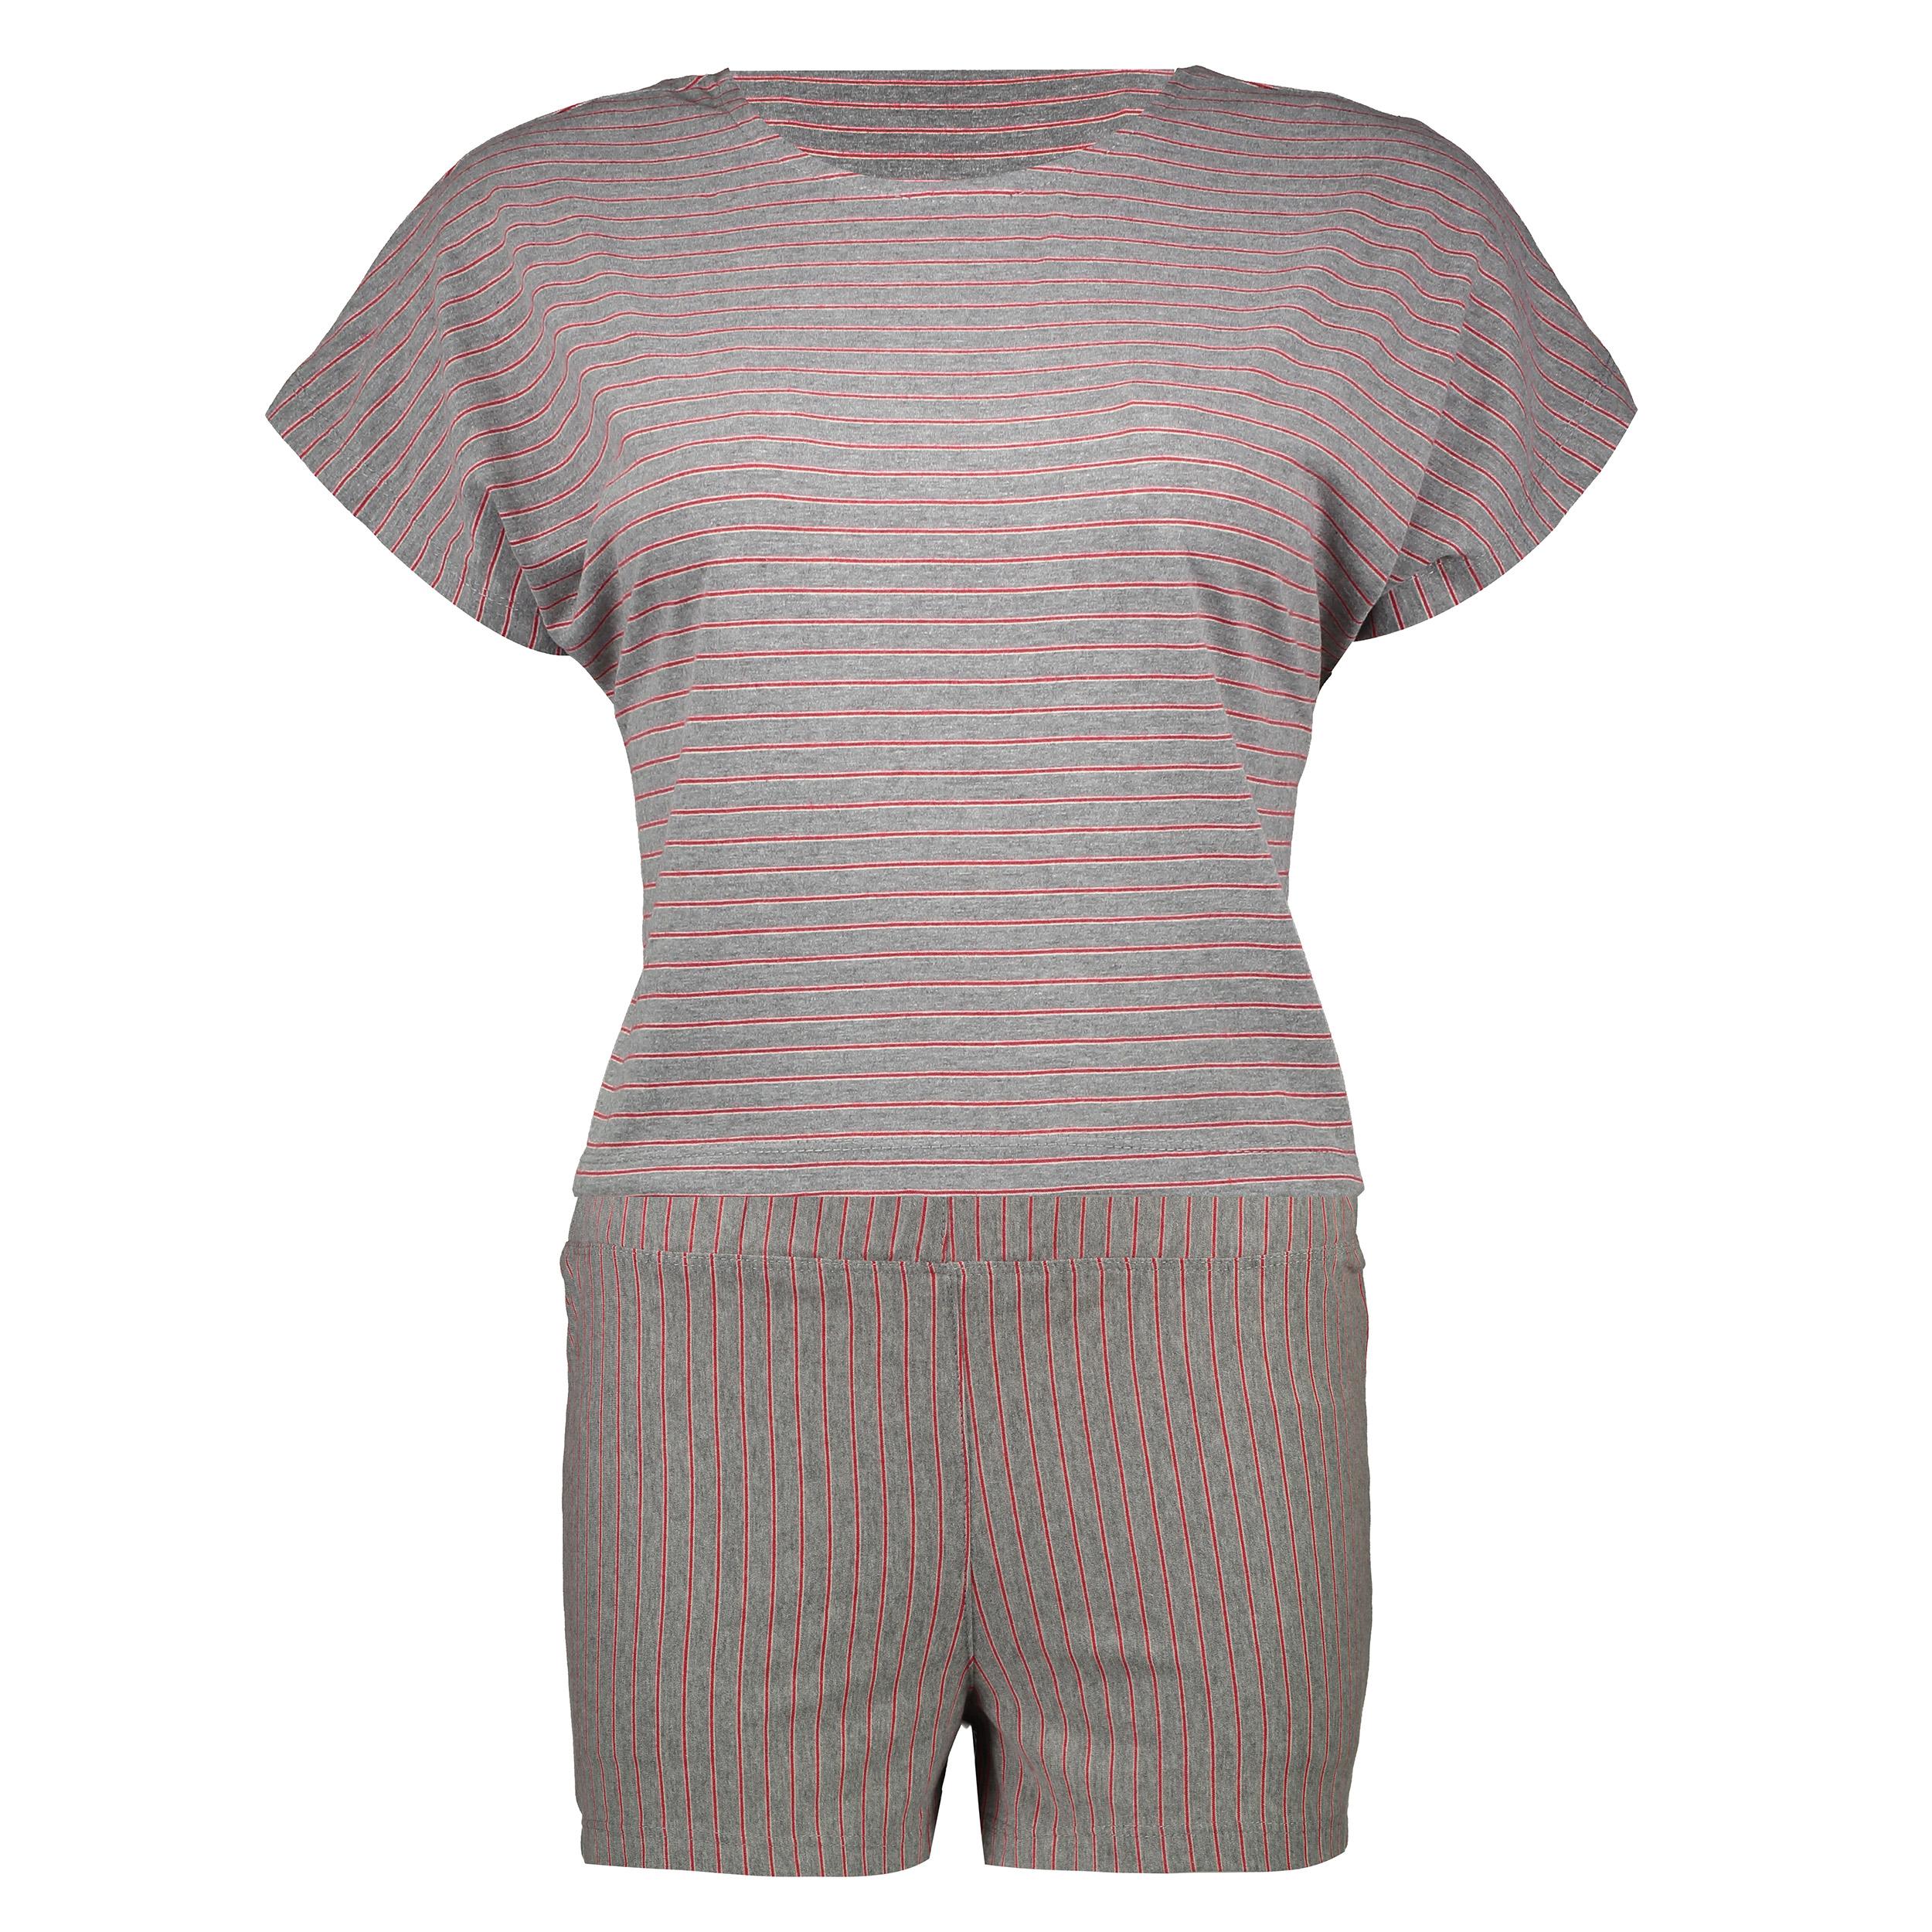 ست تی شرت و شلوارک زنانه گارودی مدل 1003214011-85